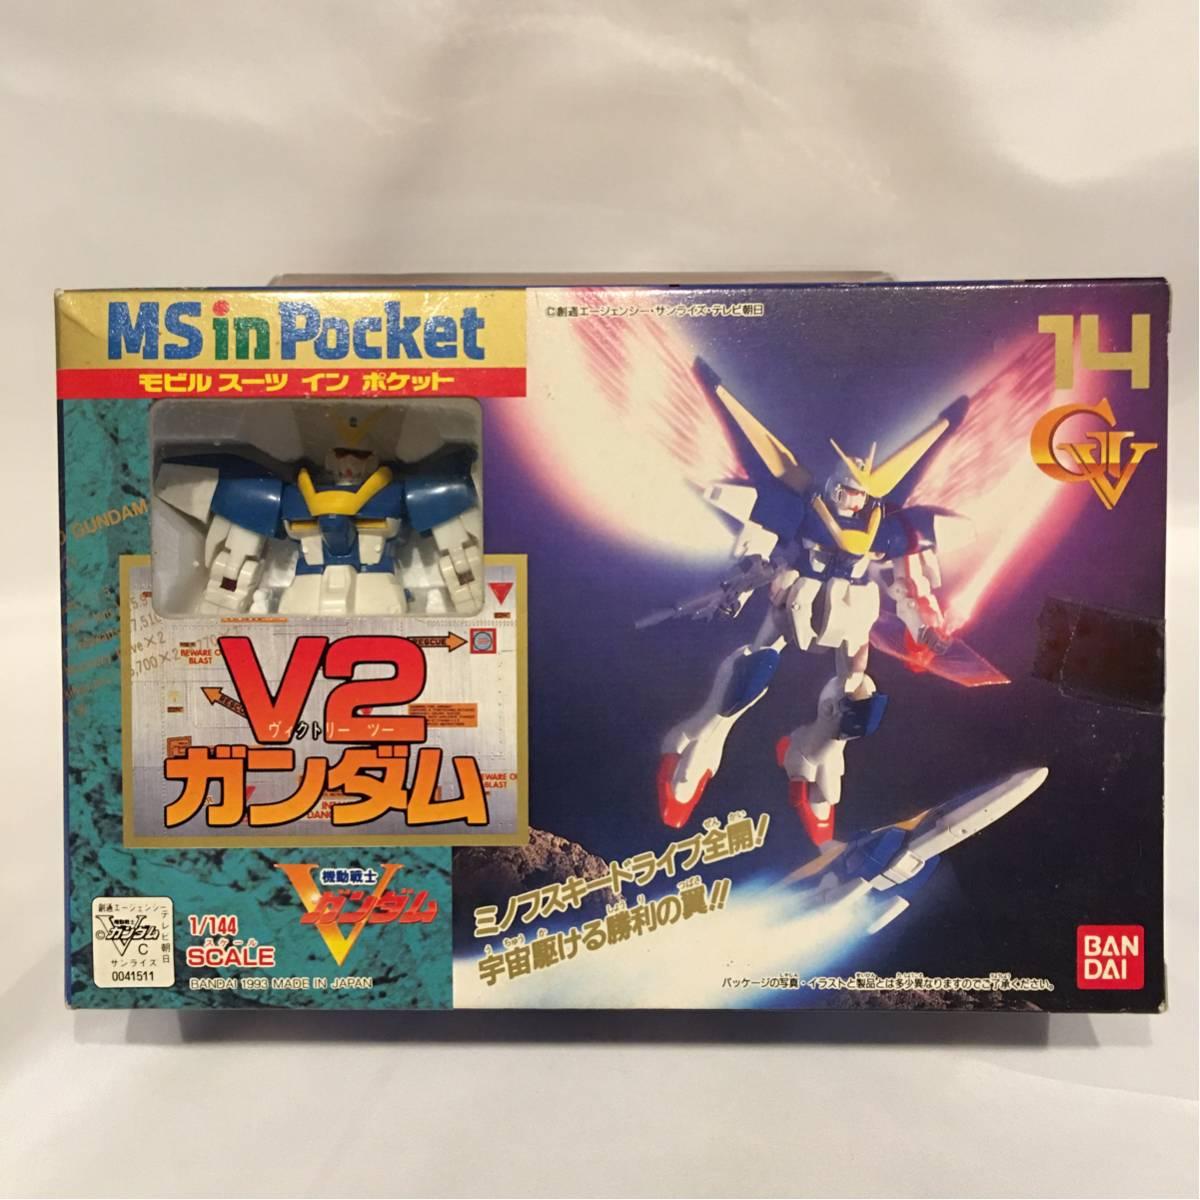 当時物 機動戦士Vガンダム V2ガンダム MS in Pocket 1/144 バンダイ フィギュア 未組立 合体 V2ファイター_画像1